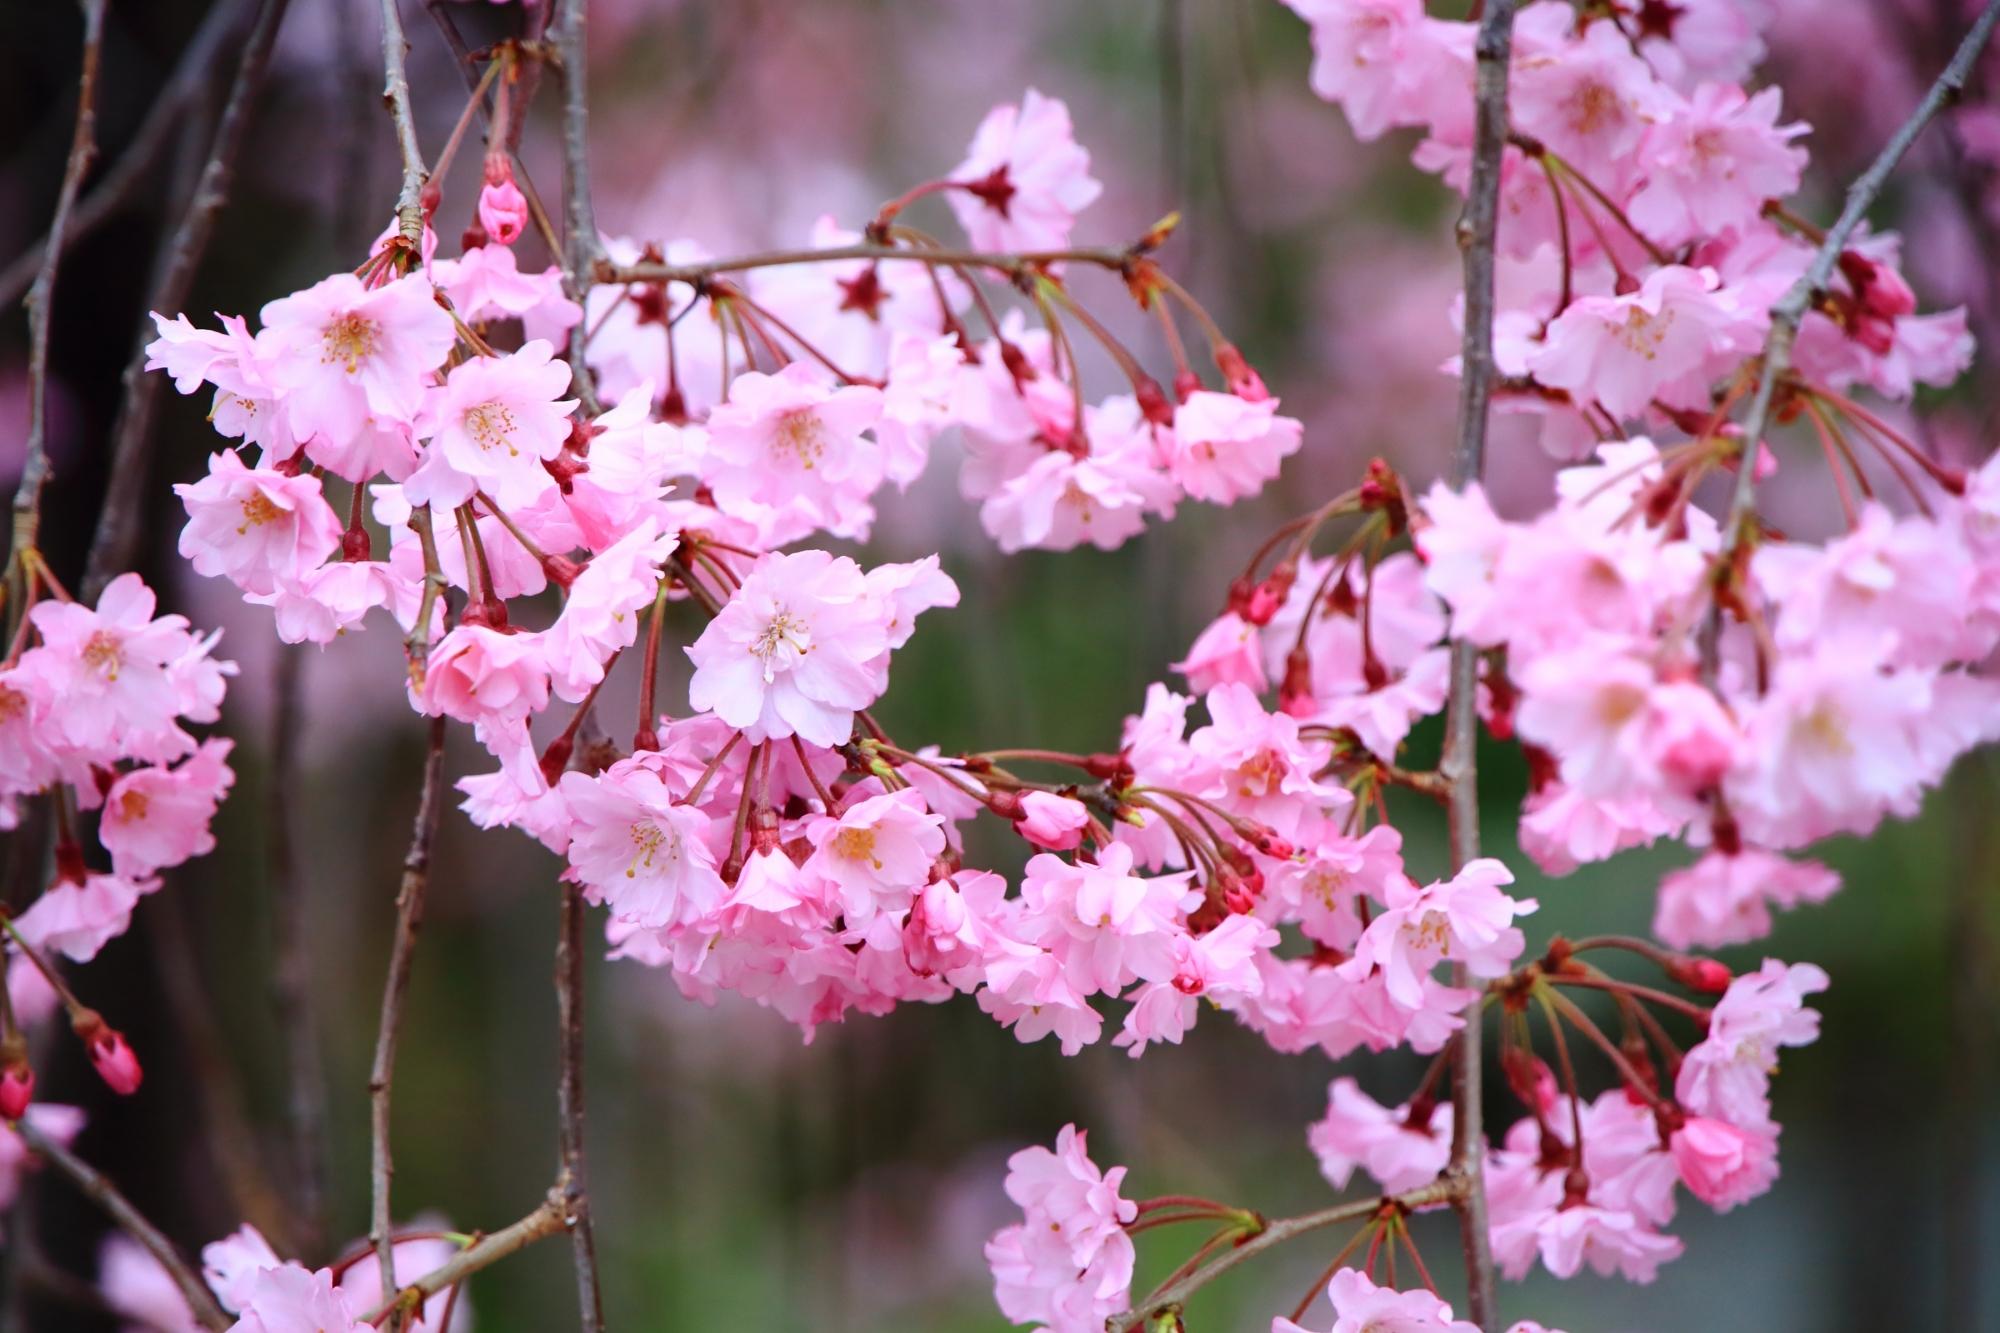 上品蓮台寺の上品な桜と春の情景